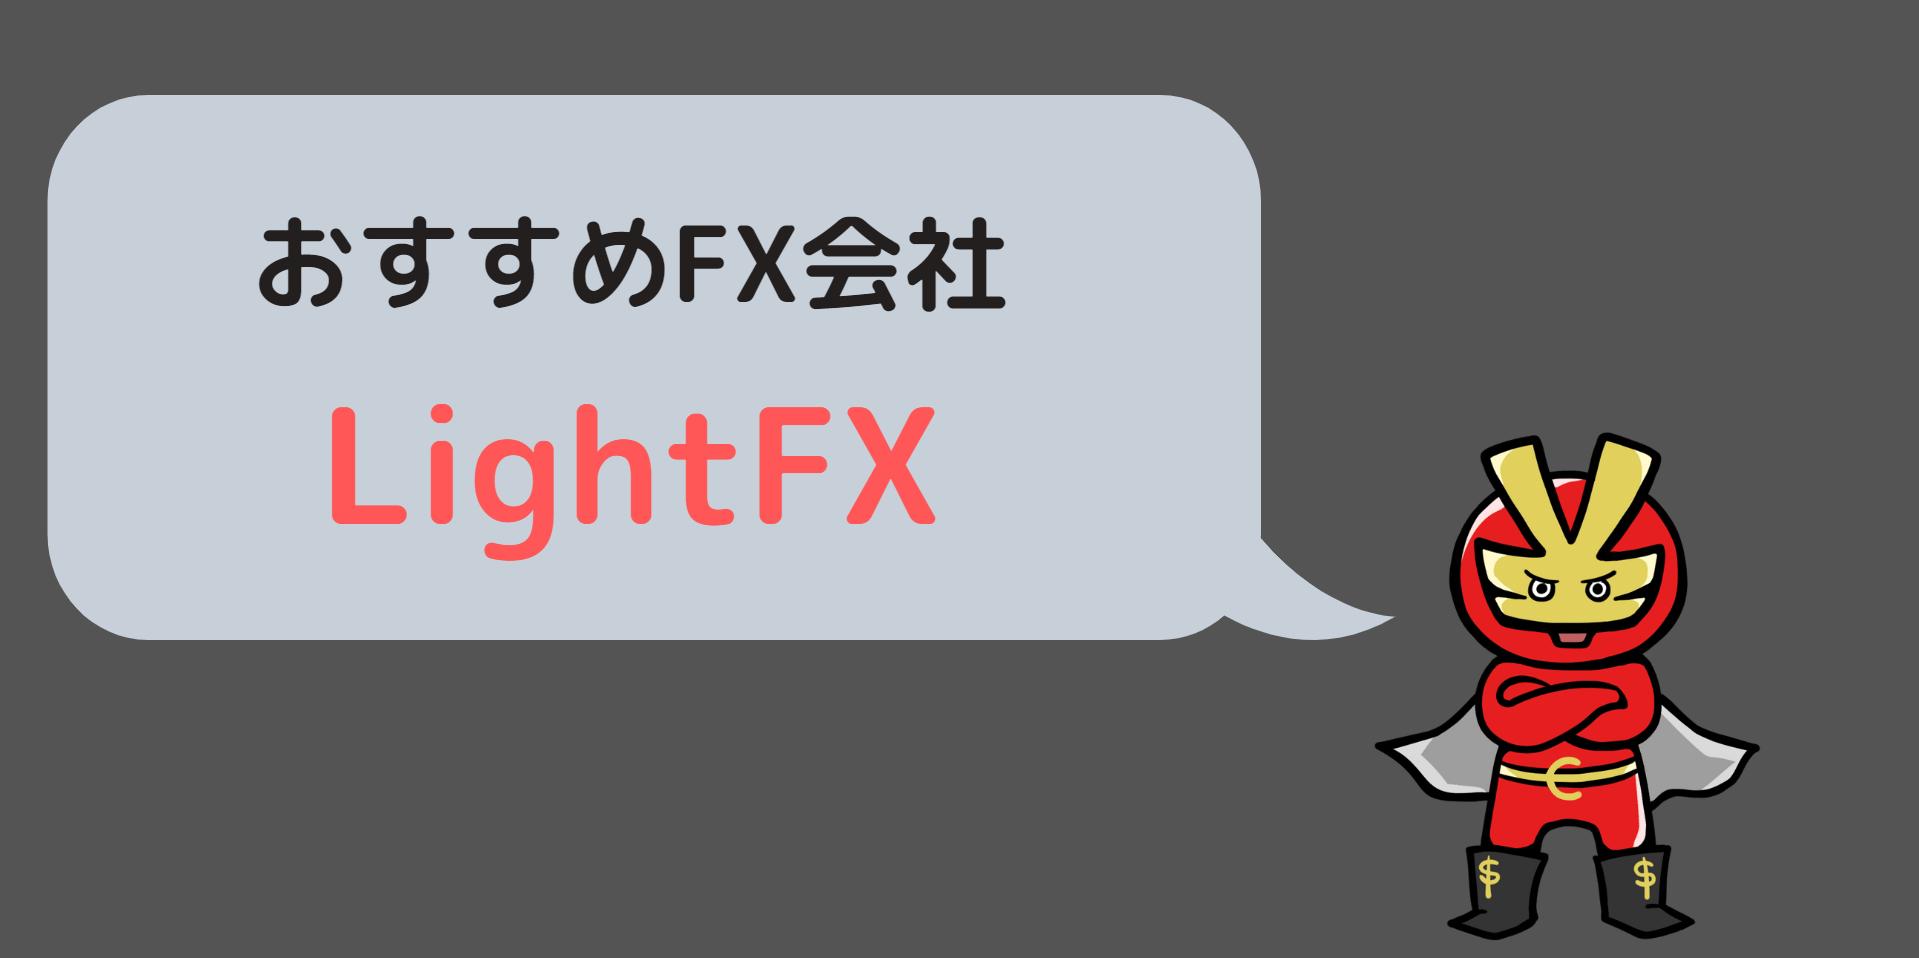 LightFX おすすめ会社